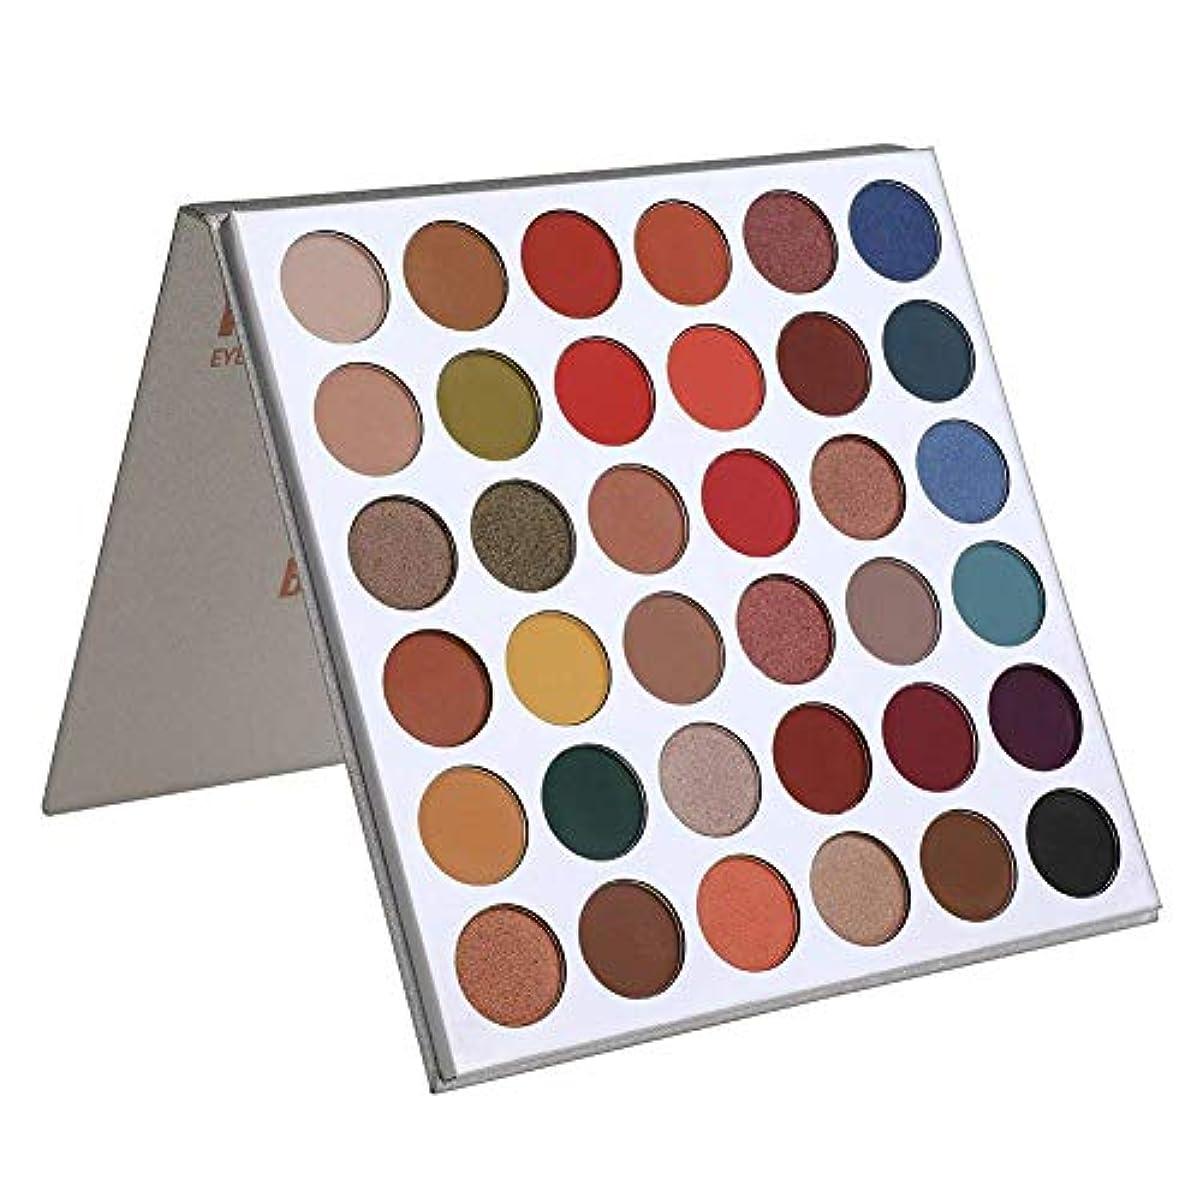 相対サイズフォアタイプかけるBrill(ブリーオ)最高のプロアイシャドウマットパレットメイクアイシャドウプロフェッショナル完璧なファイル暖かいナチュラルニュートラルスモーキーパレットアイメイクアップシルキーパウダー化粧品36色